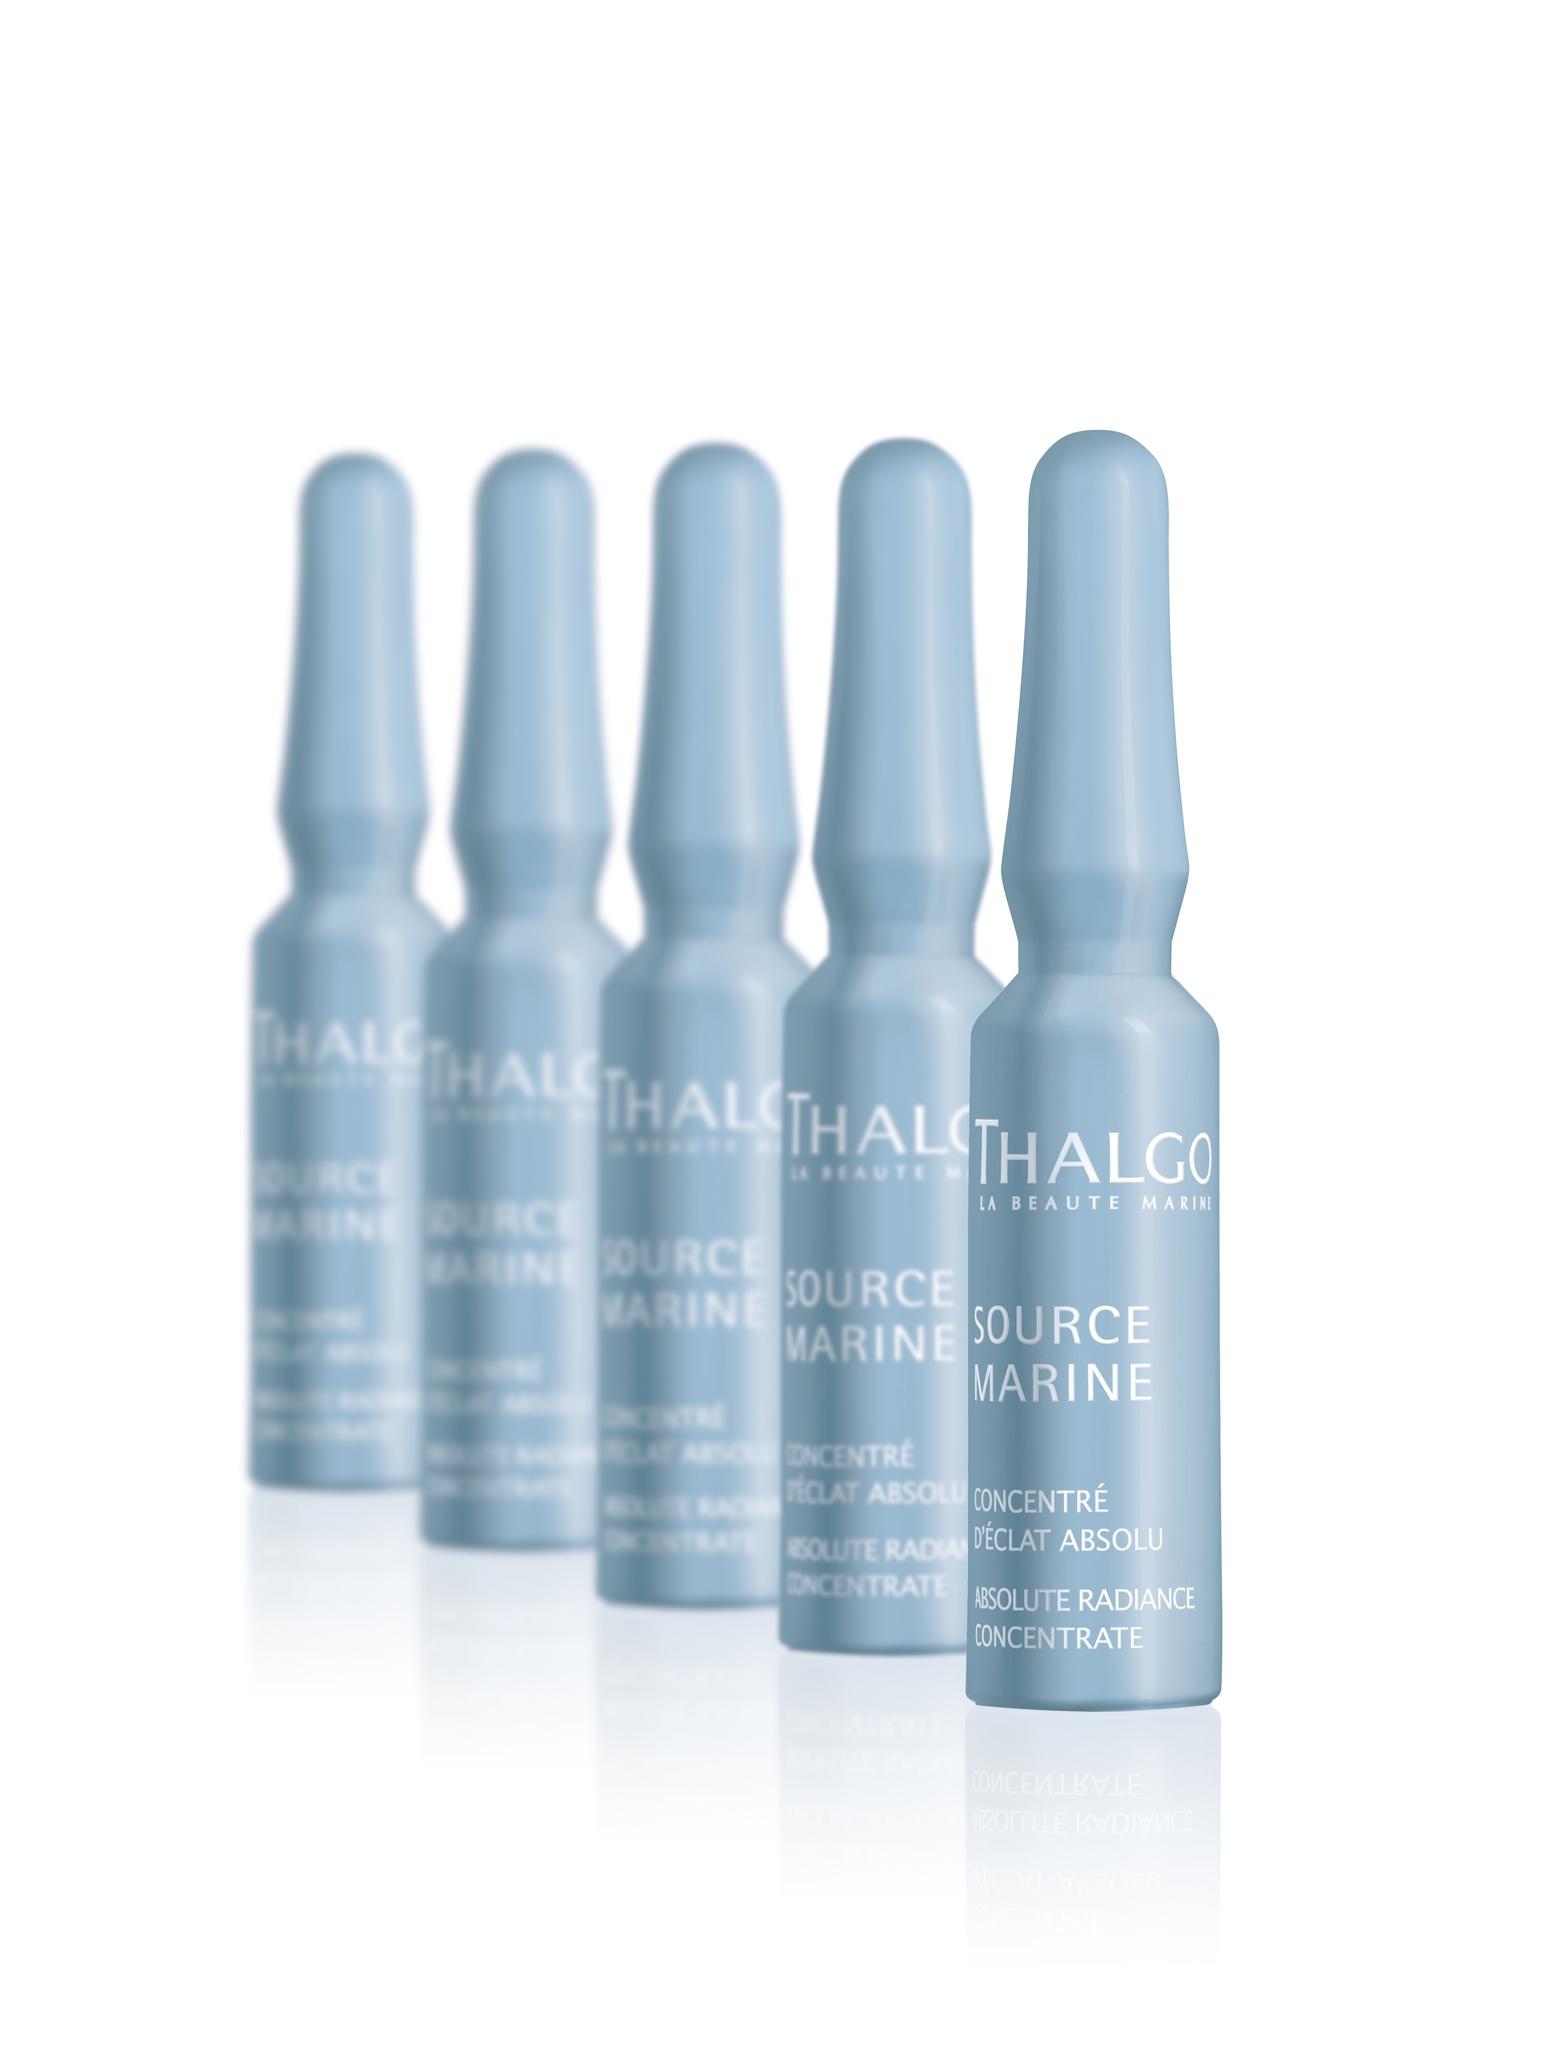 Thalgo Интенсивный тонизирующий концентрат для сияния кожи с эффектом Absolute Radiance Concentrate, 7*1,2 мл все цены